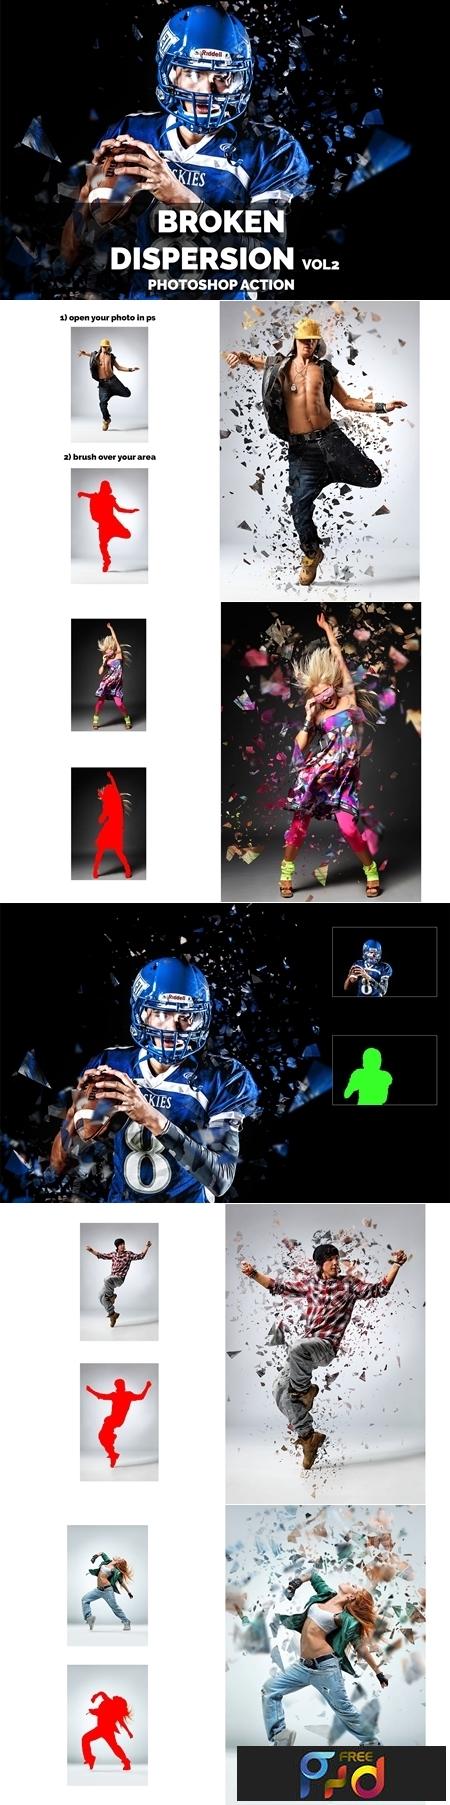 Broken Dispersion VOL2 Photoshop action 3645640 1